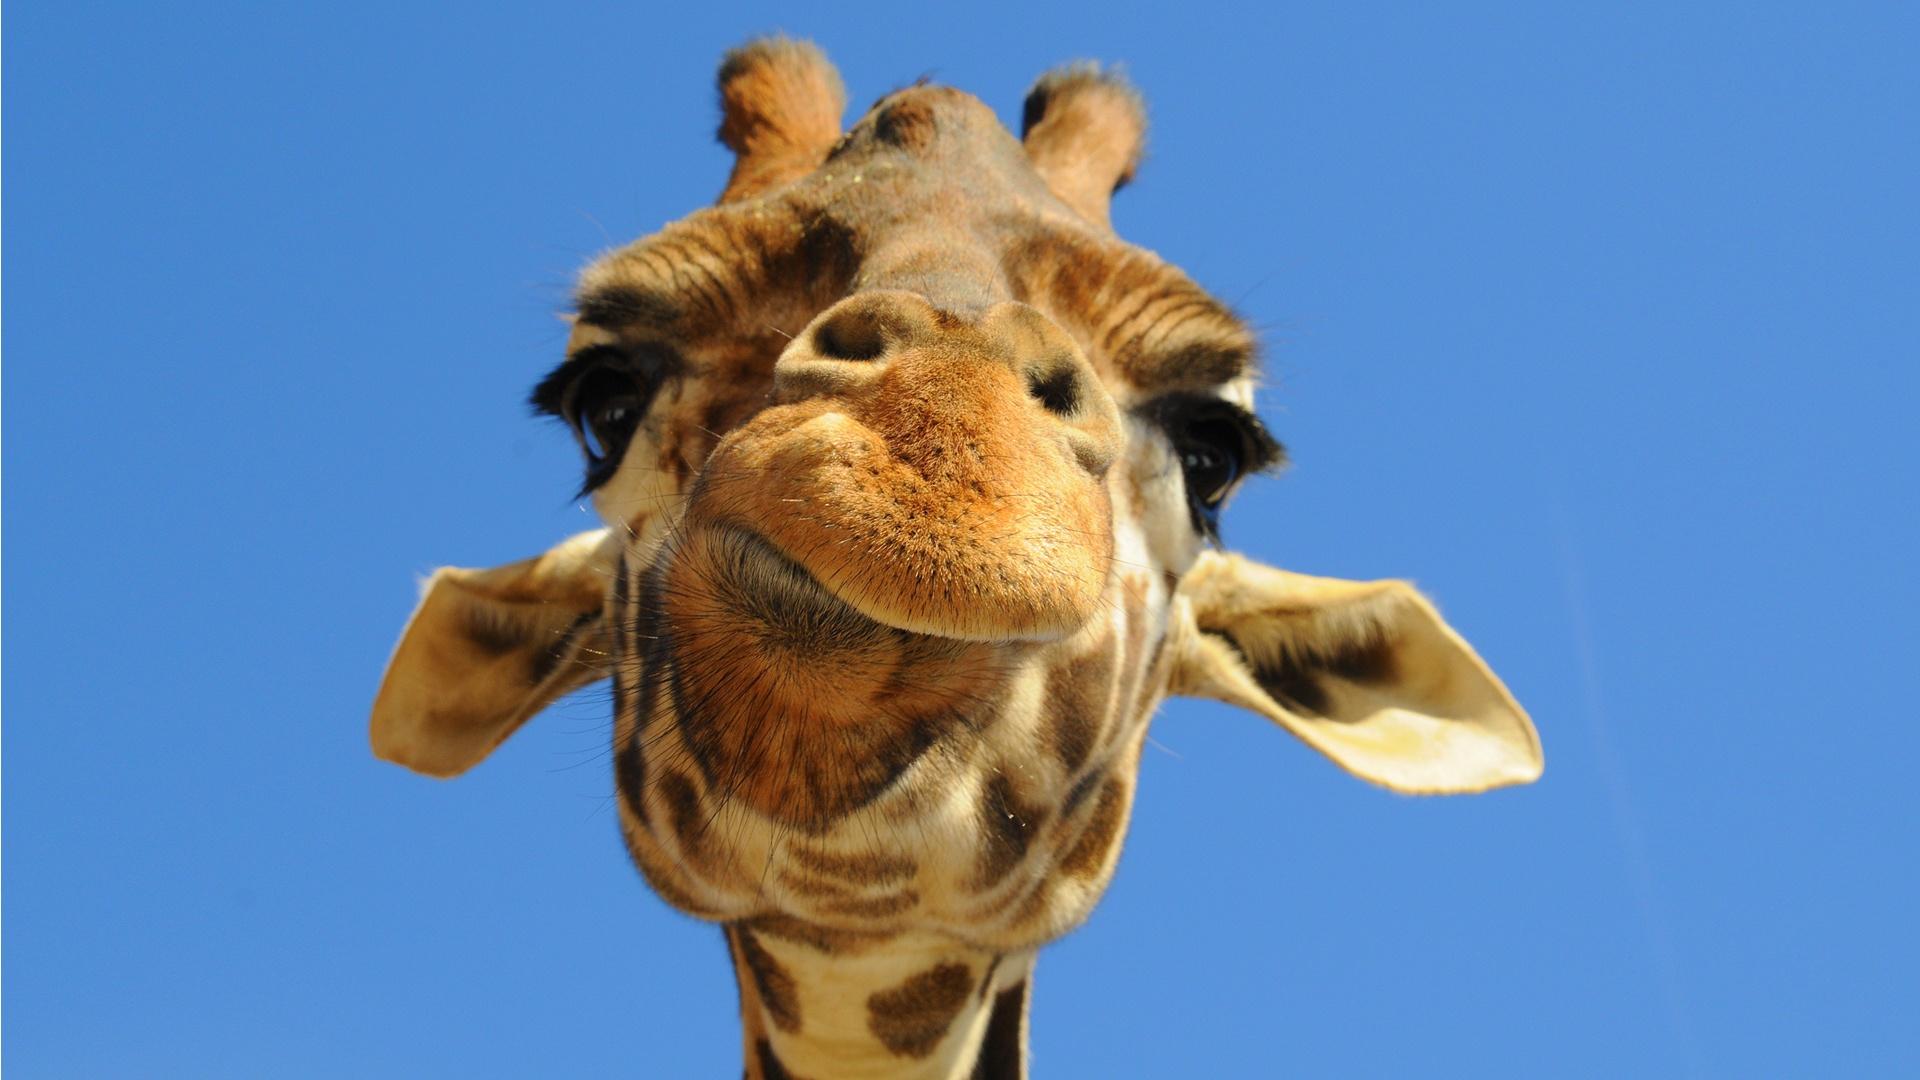 giraffe close up wallpaper 45527